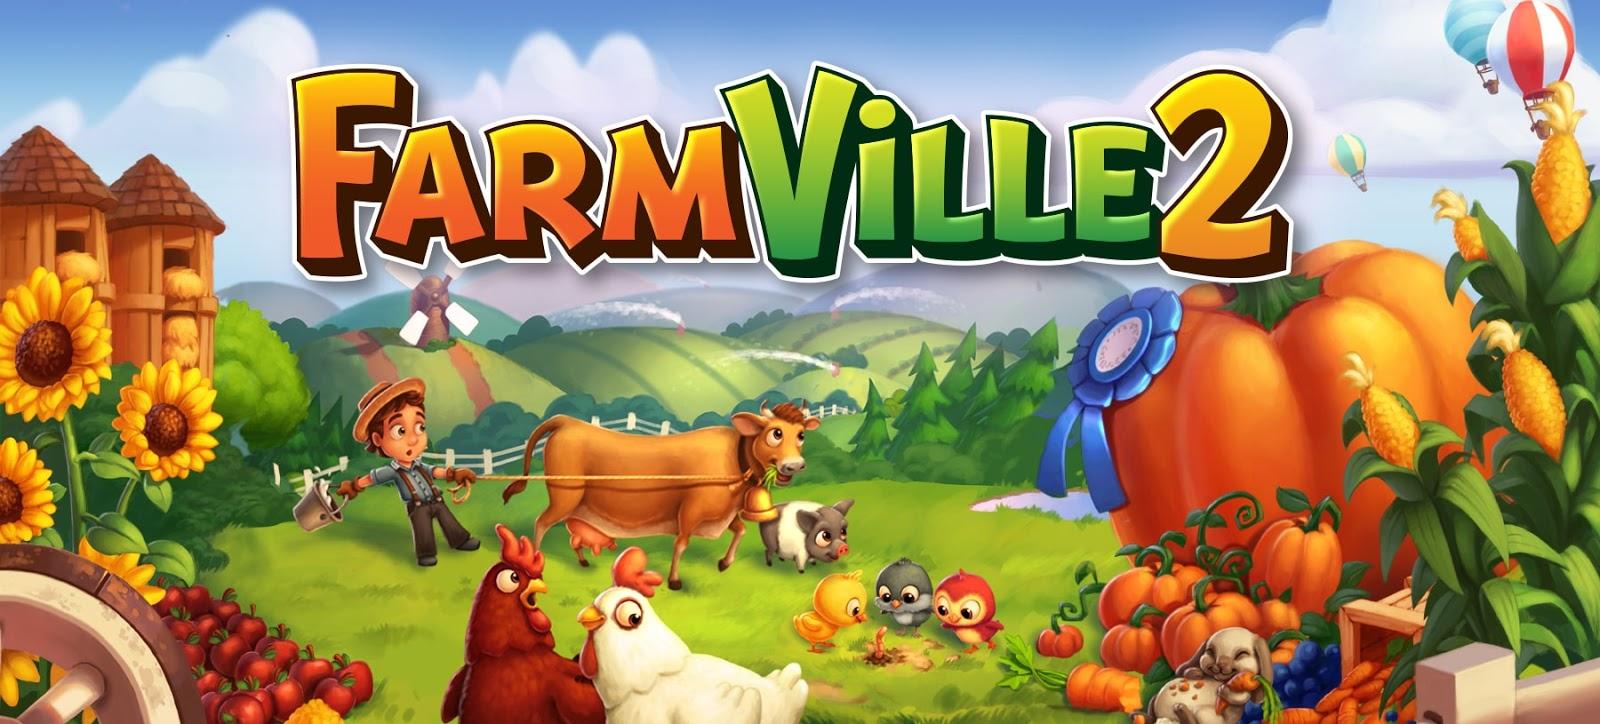 تحميل لعبة farm ville 2 مهكرة للاندرويد 2021 اخر اصدار